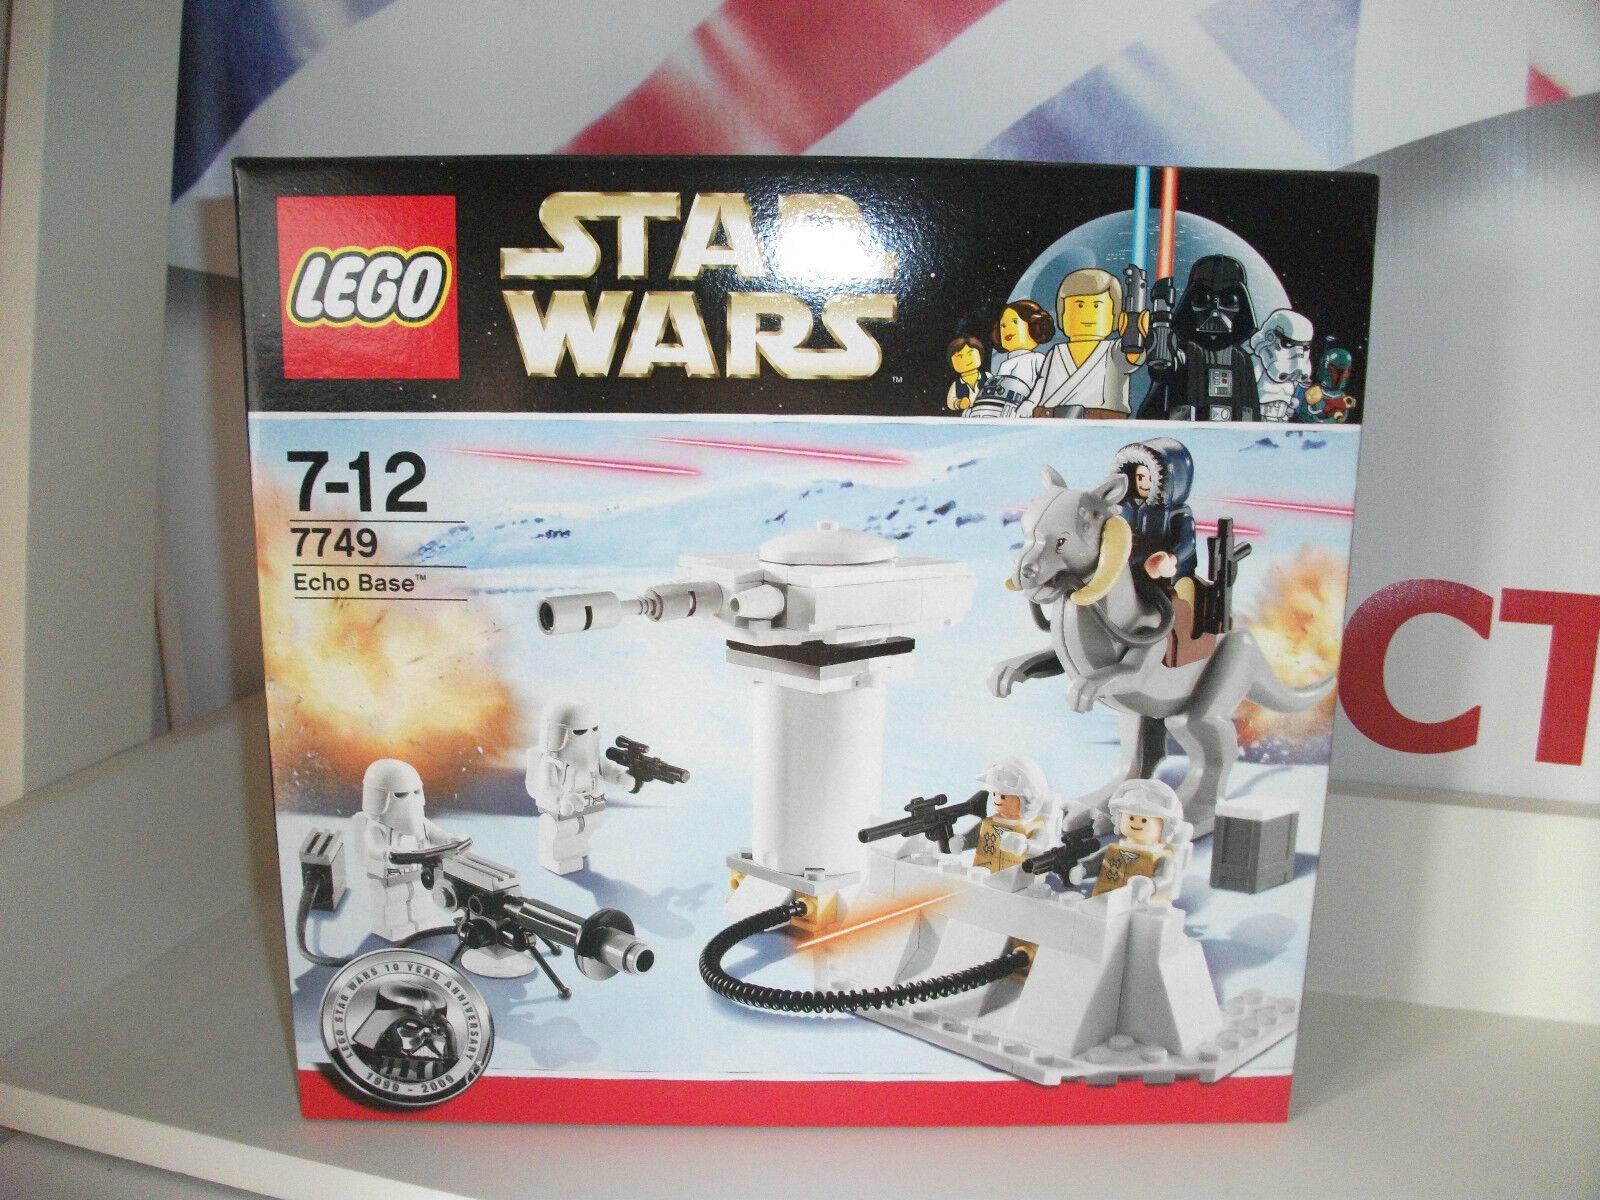 STAR  WARS LEGO, Echo Base Snowtrooper, Han Solo nouveau Comme neuf in box. Réduction des frais de port  centre commercial de la mode